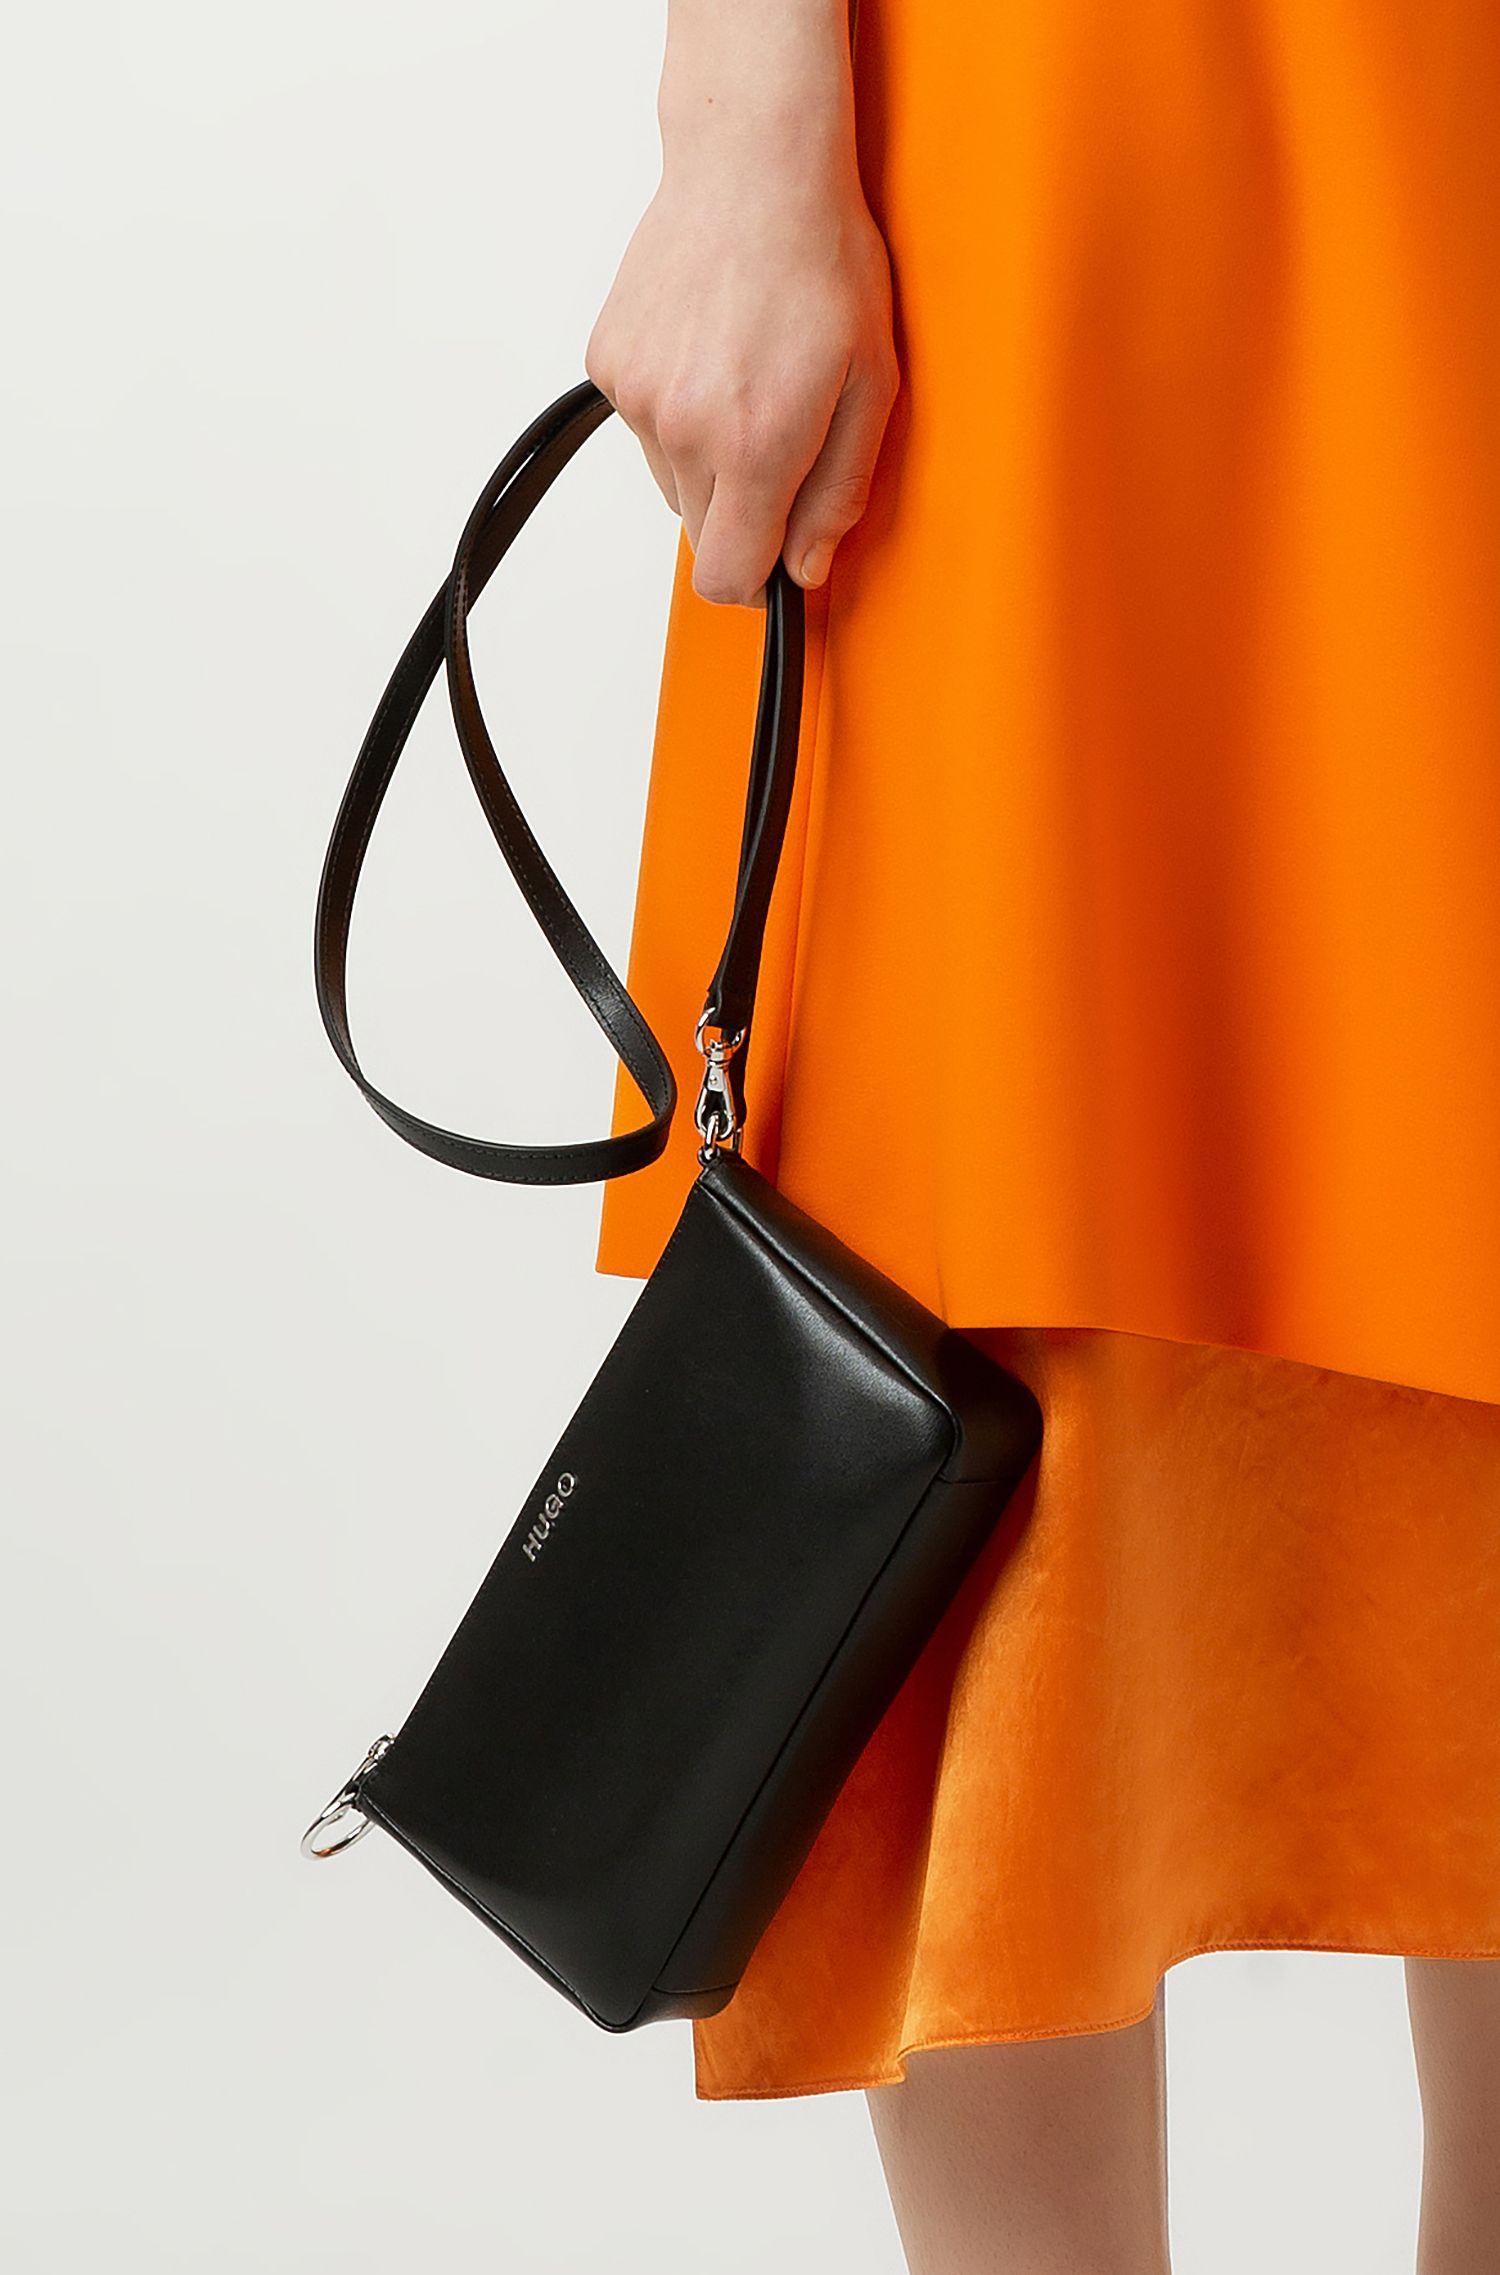 Mini sac en cuir italien imprimé, avec bandoulière amovible, Noir